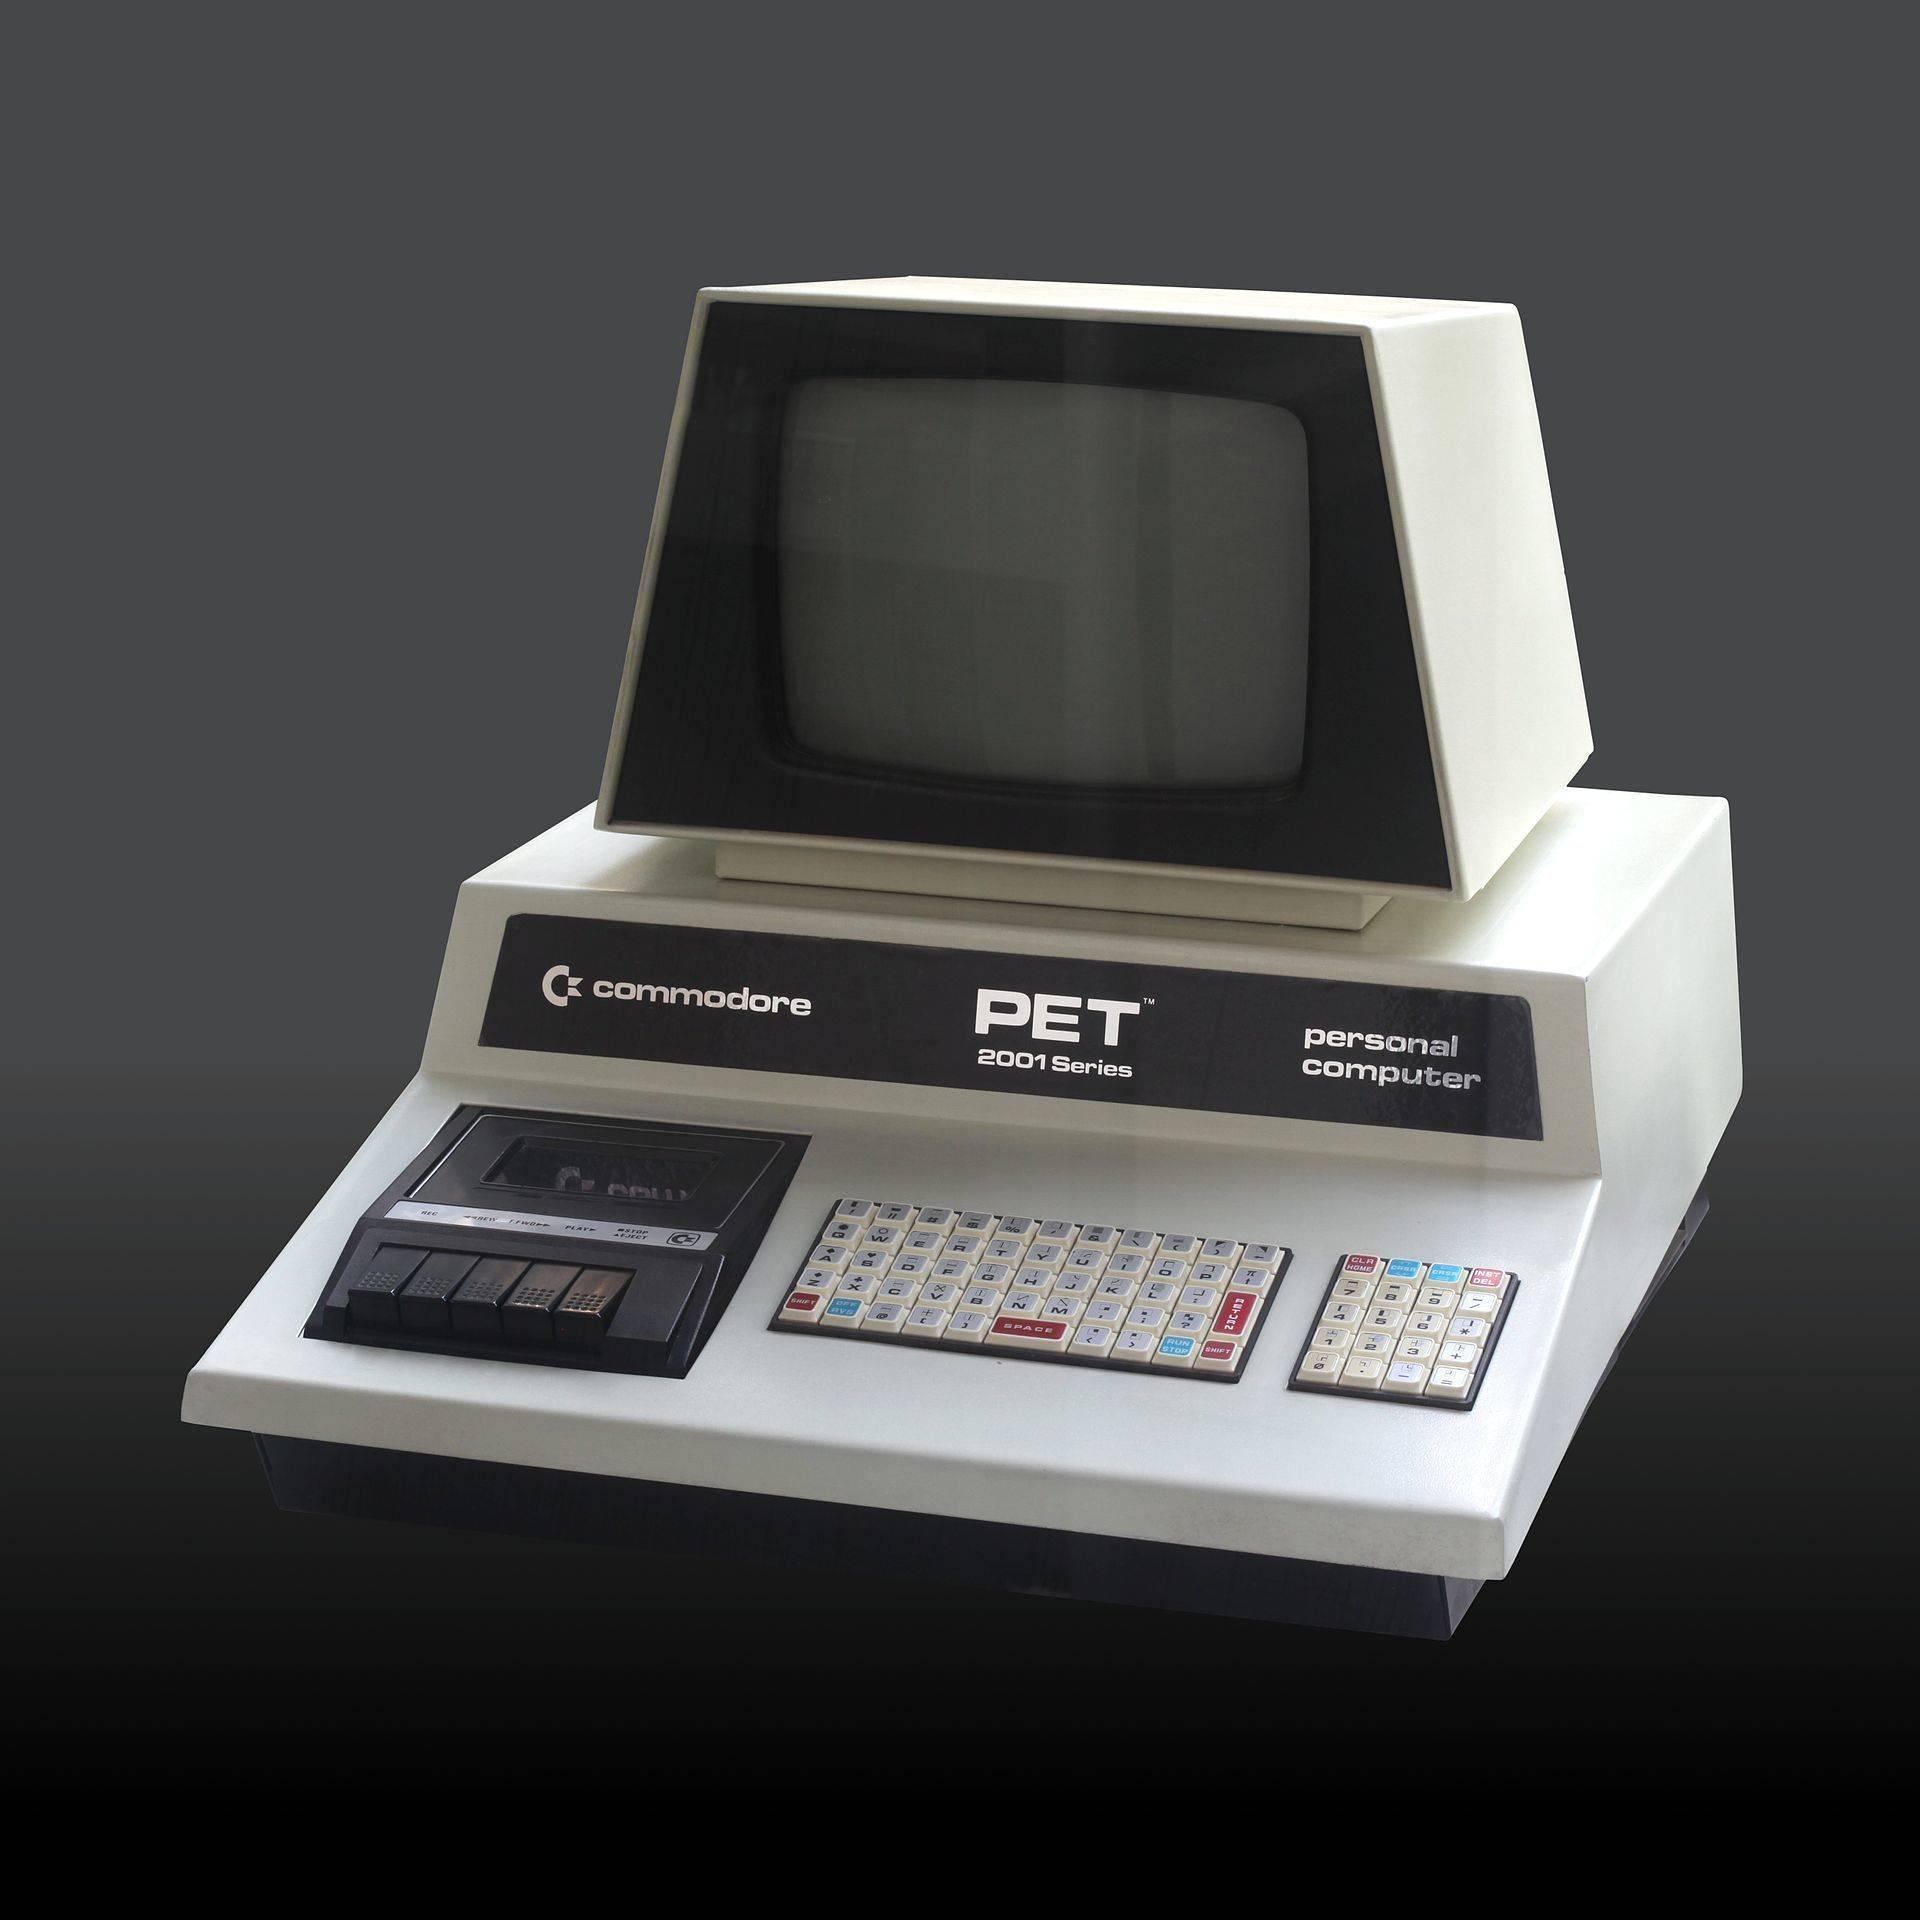 Commodore_2001_Series-IMG_0448b.jpg